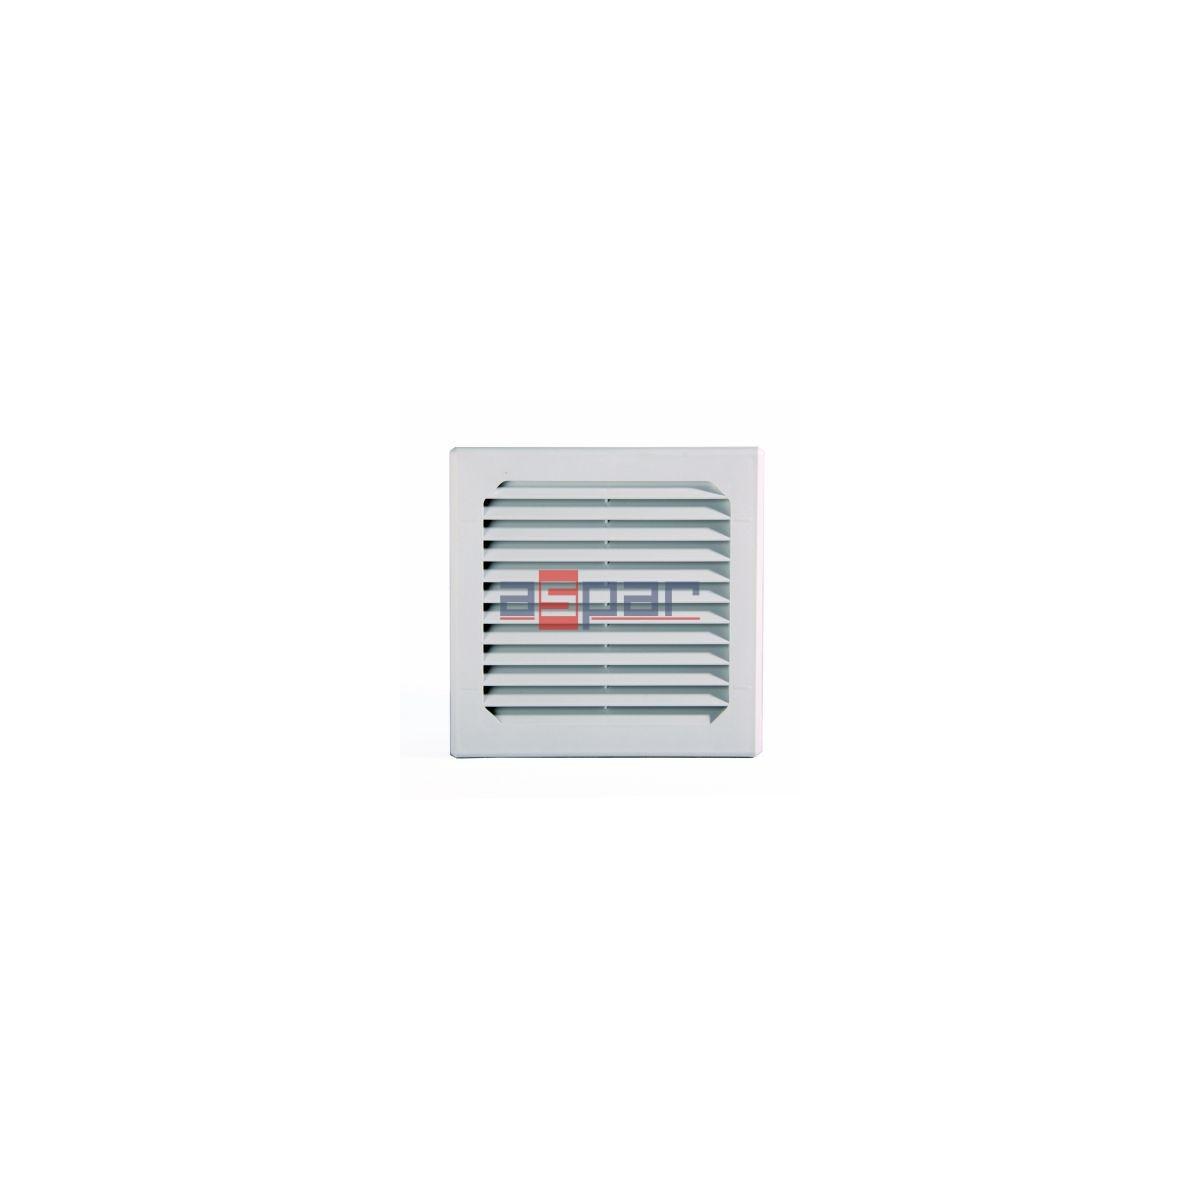 Kratka wentylacyjna z matą filtracyjna 148 x 148 mm, GV250